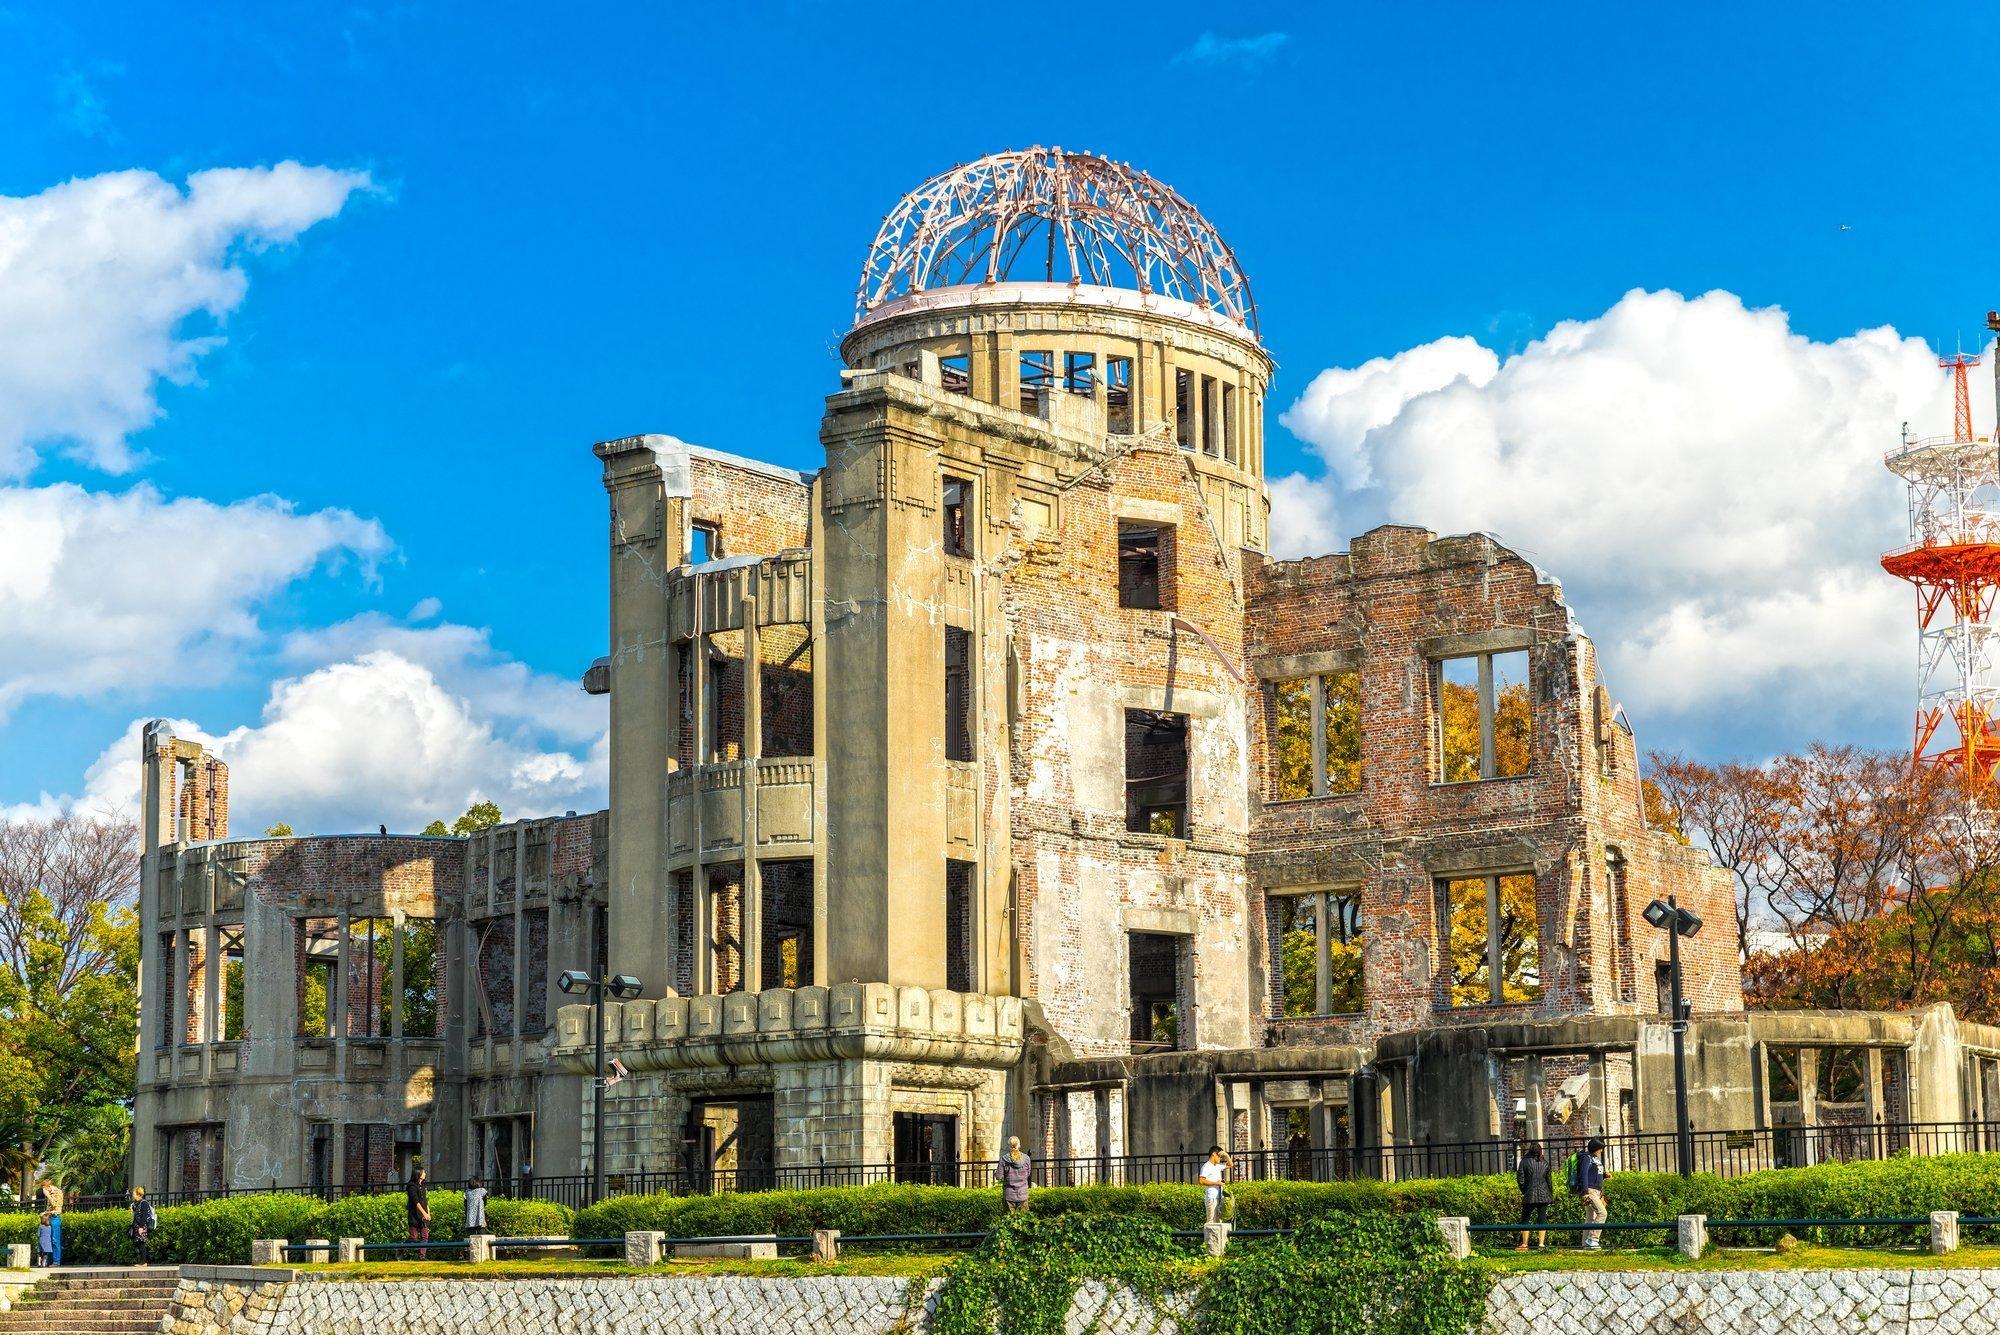 Das Bild zeigt das Friedensdenkmal von Hiroshima, ein von der Atombombe zerstörtes Gebäude mit einem Eisengerippe als Dach im Zentrum der Stadt.